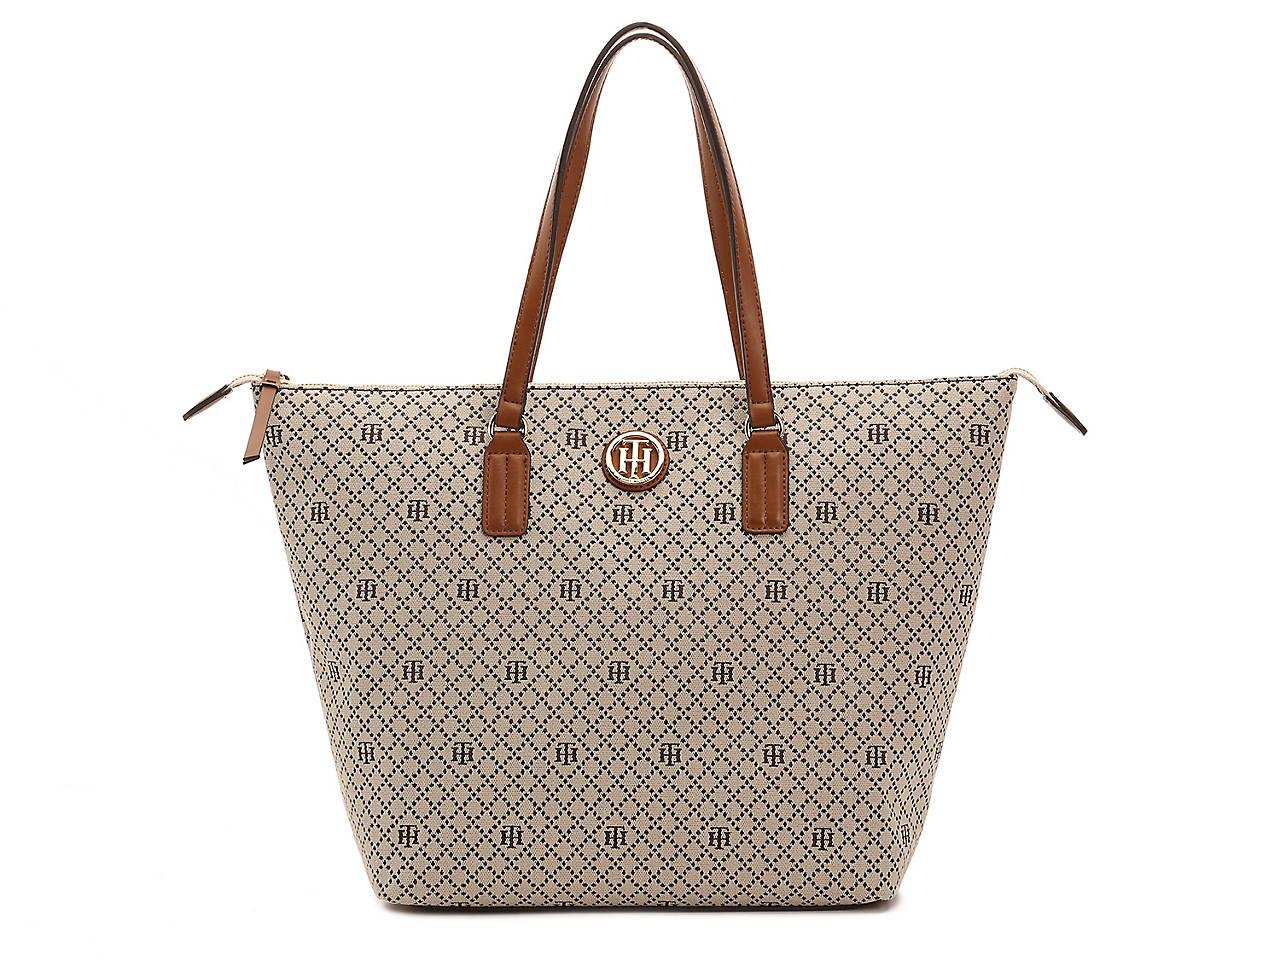 8c8d3b6b8e667 Tommy Hilfiger Jaq Tote Women s Handbags   Accessories